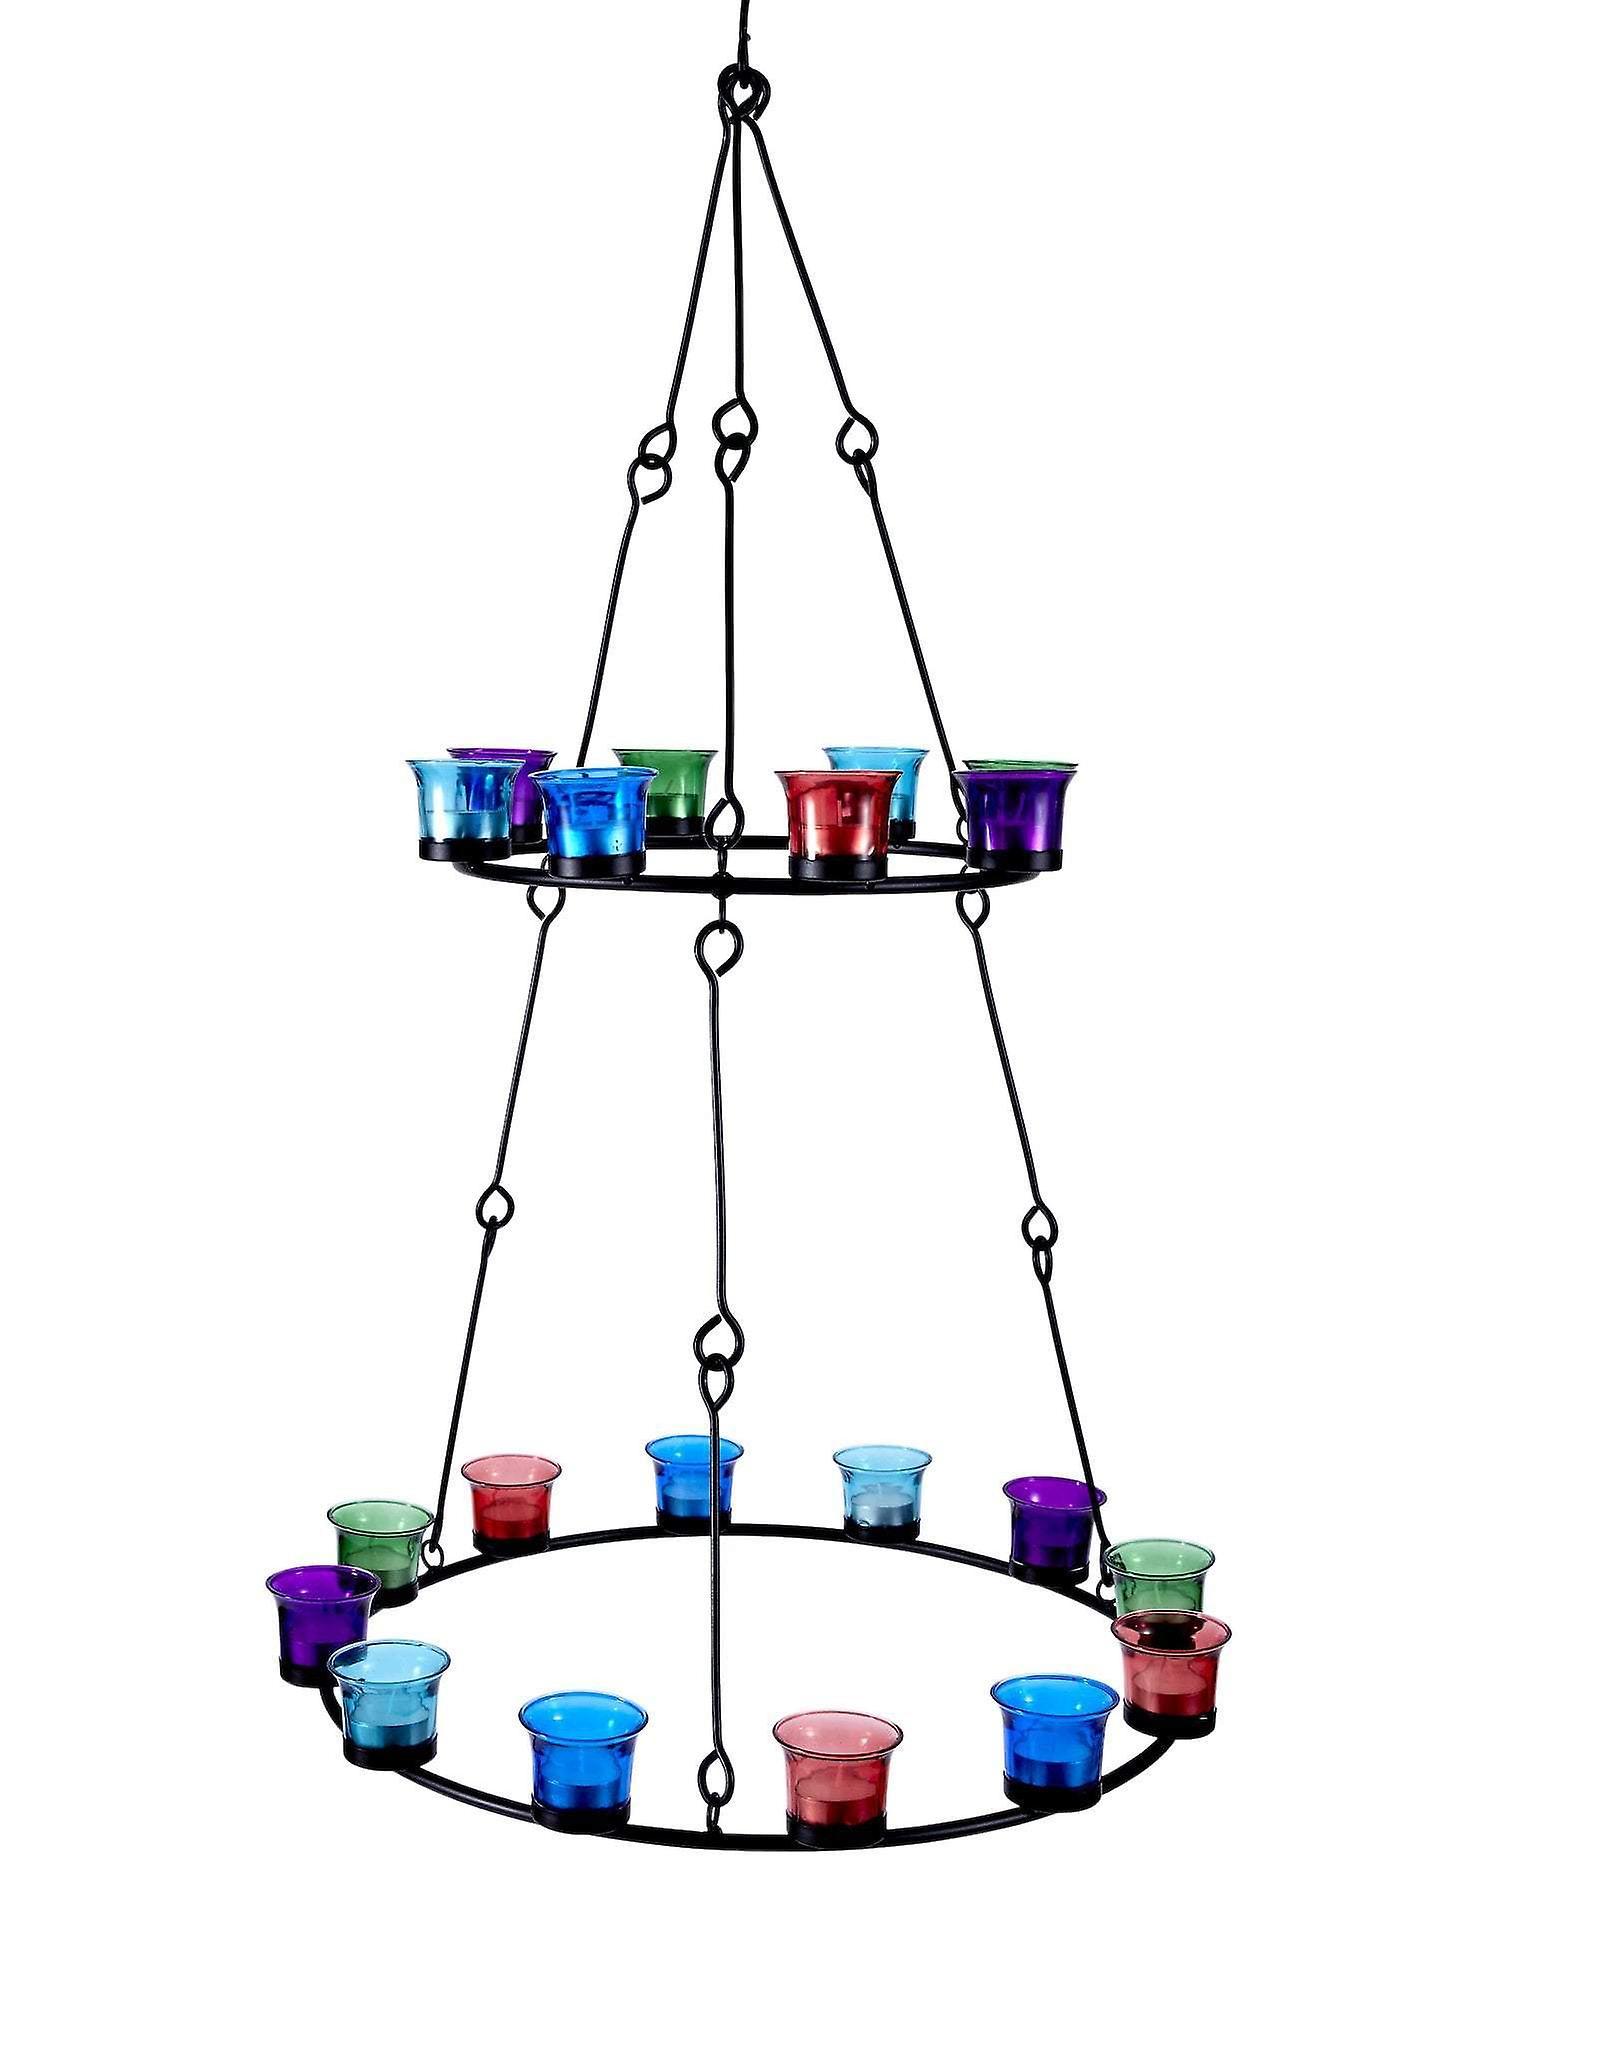 Double Tier Tea Light Chandelier